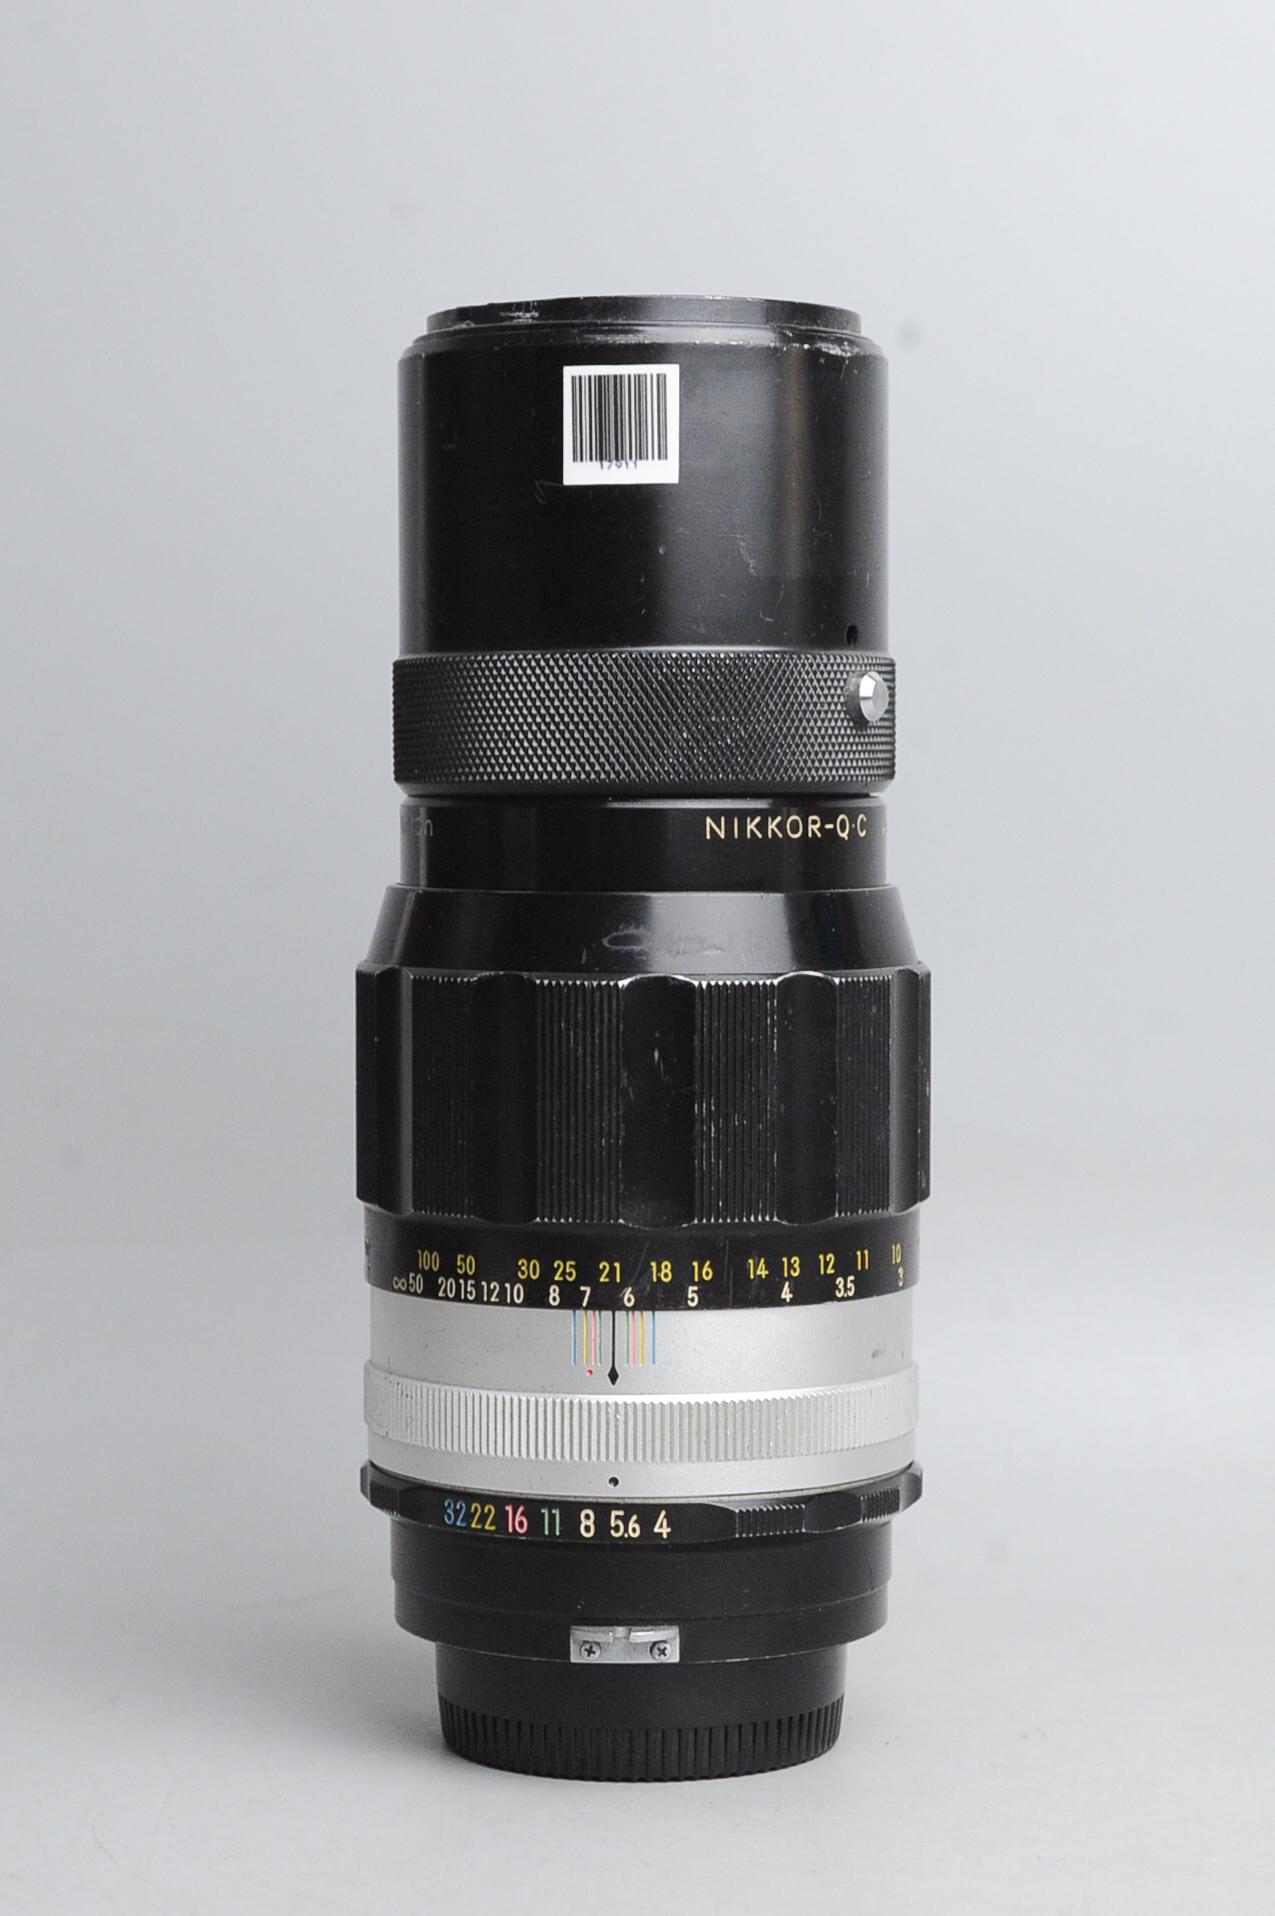 nikon-200mm-f4-0-nikkor-q-c-mf-200-4-0-17911